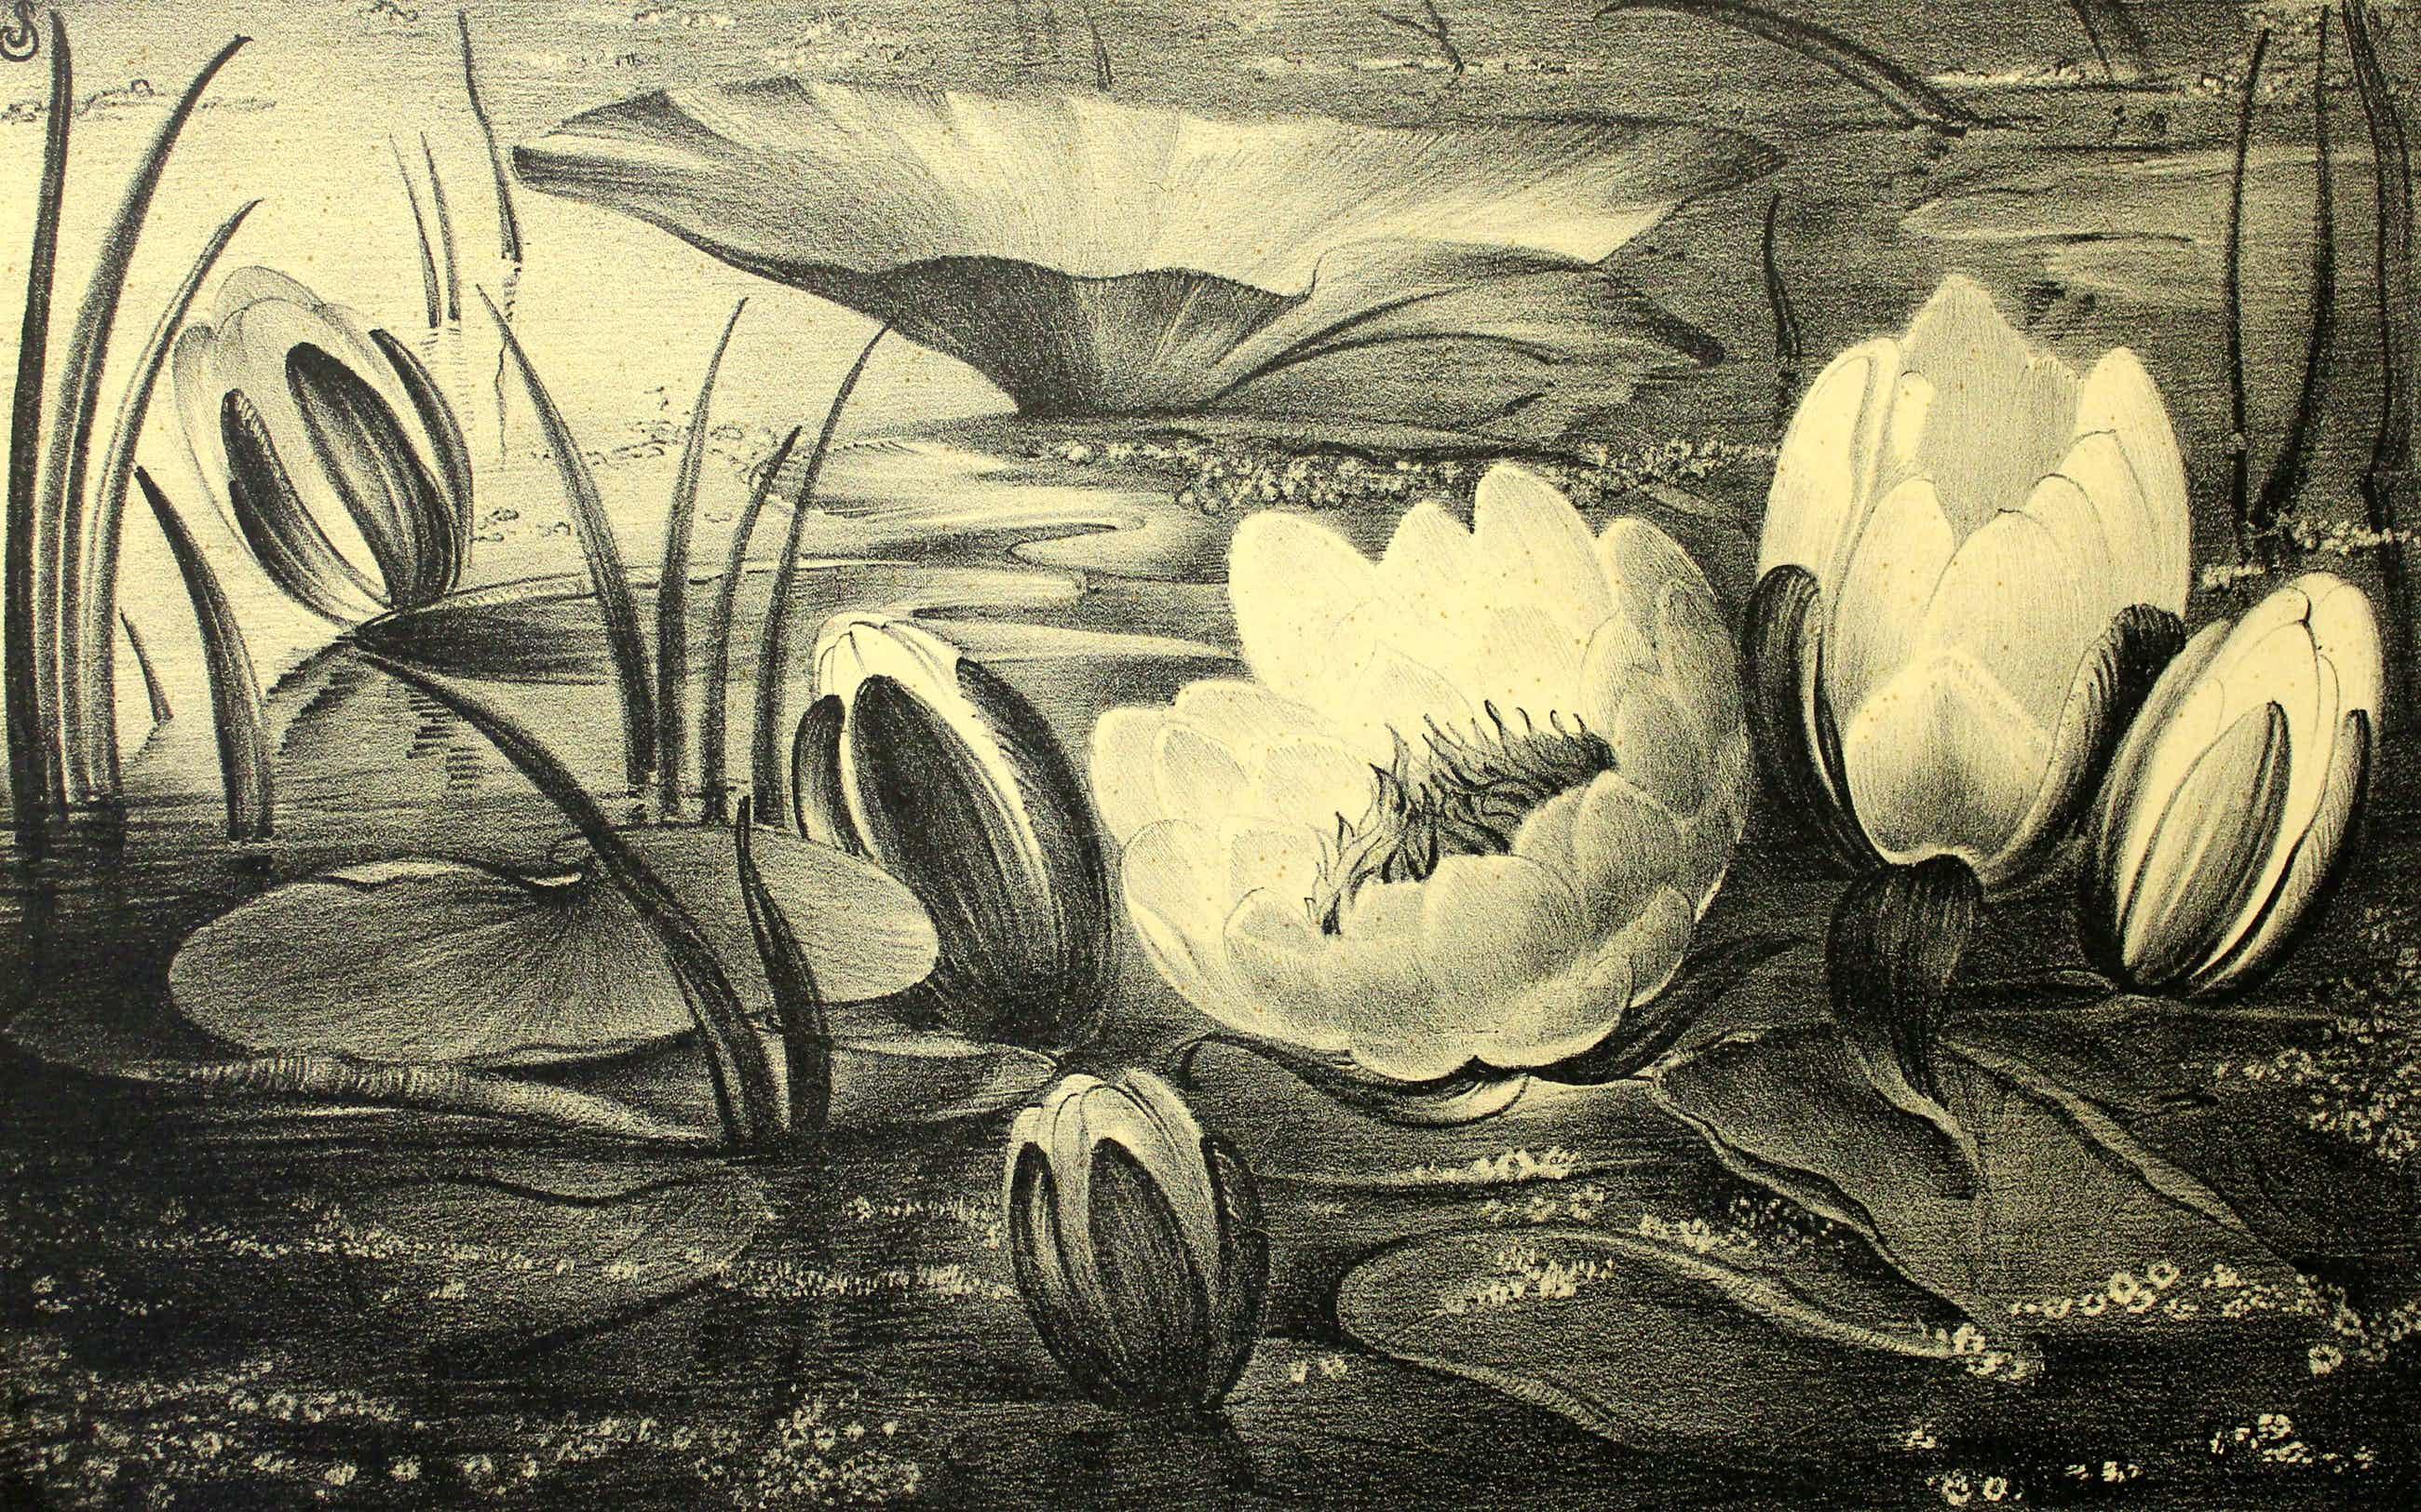 Jan Schonk - Z.t. (Waterlelies) - Tweede versie kopen? Bied vanaf 65!